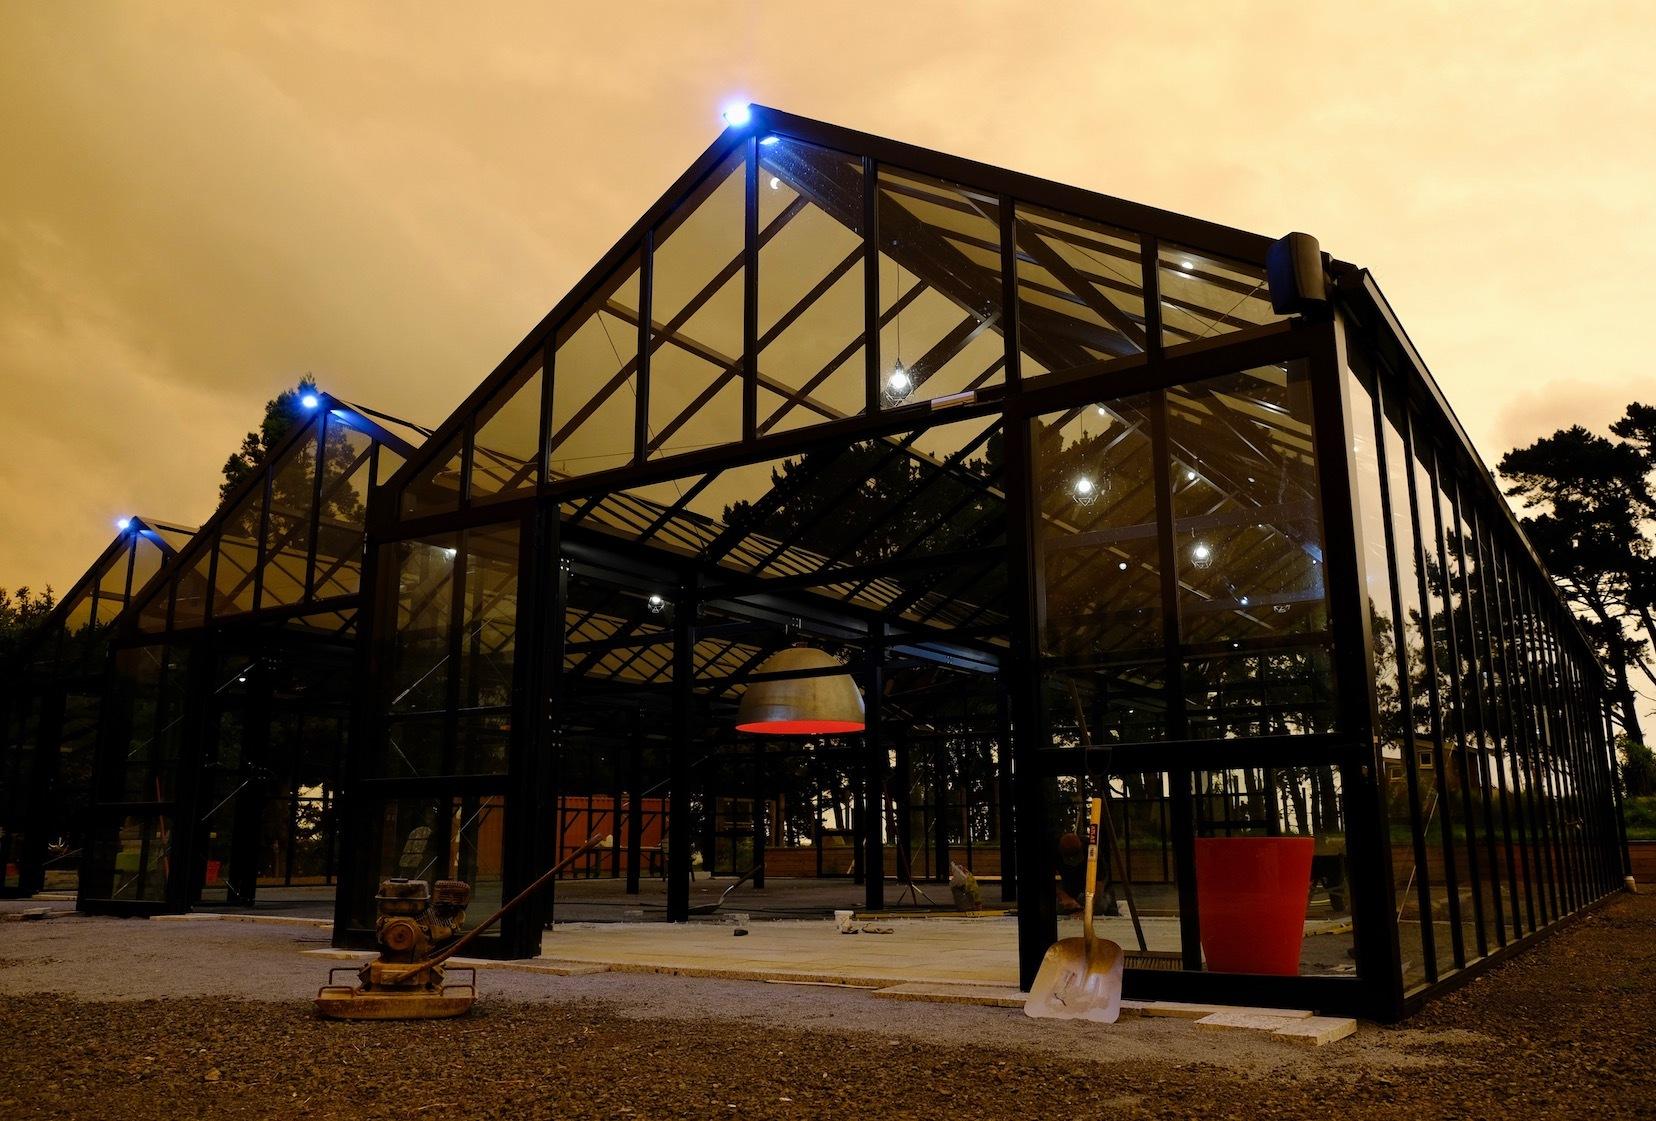 赤い空、グラスハウス、ログハウス内装/ Orange Sky, Glasshouse, Log Cabin Interior_e0310424_19113340.jpg